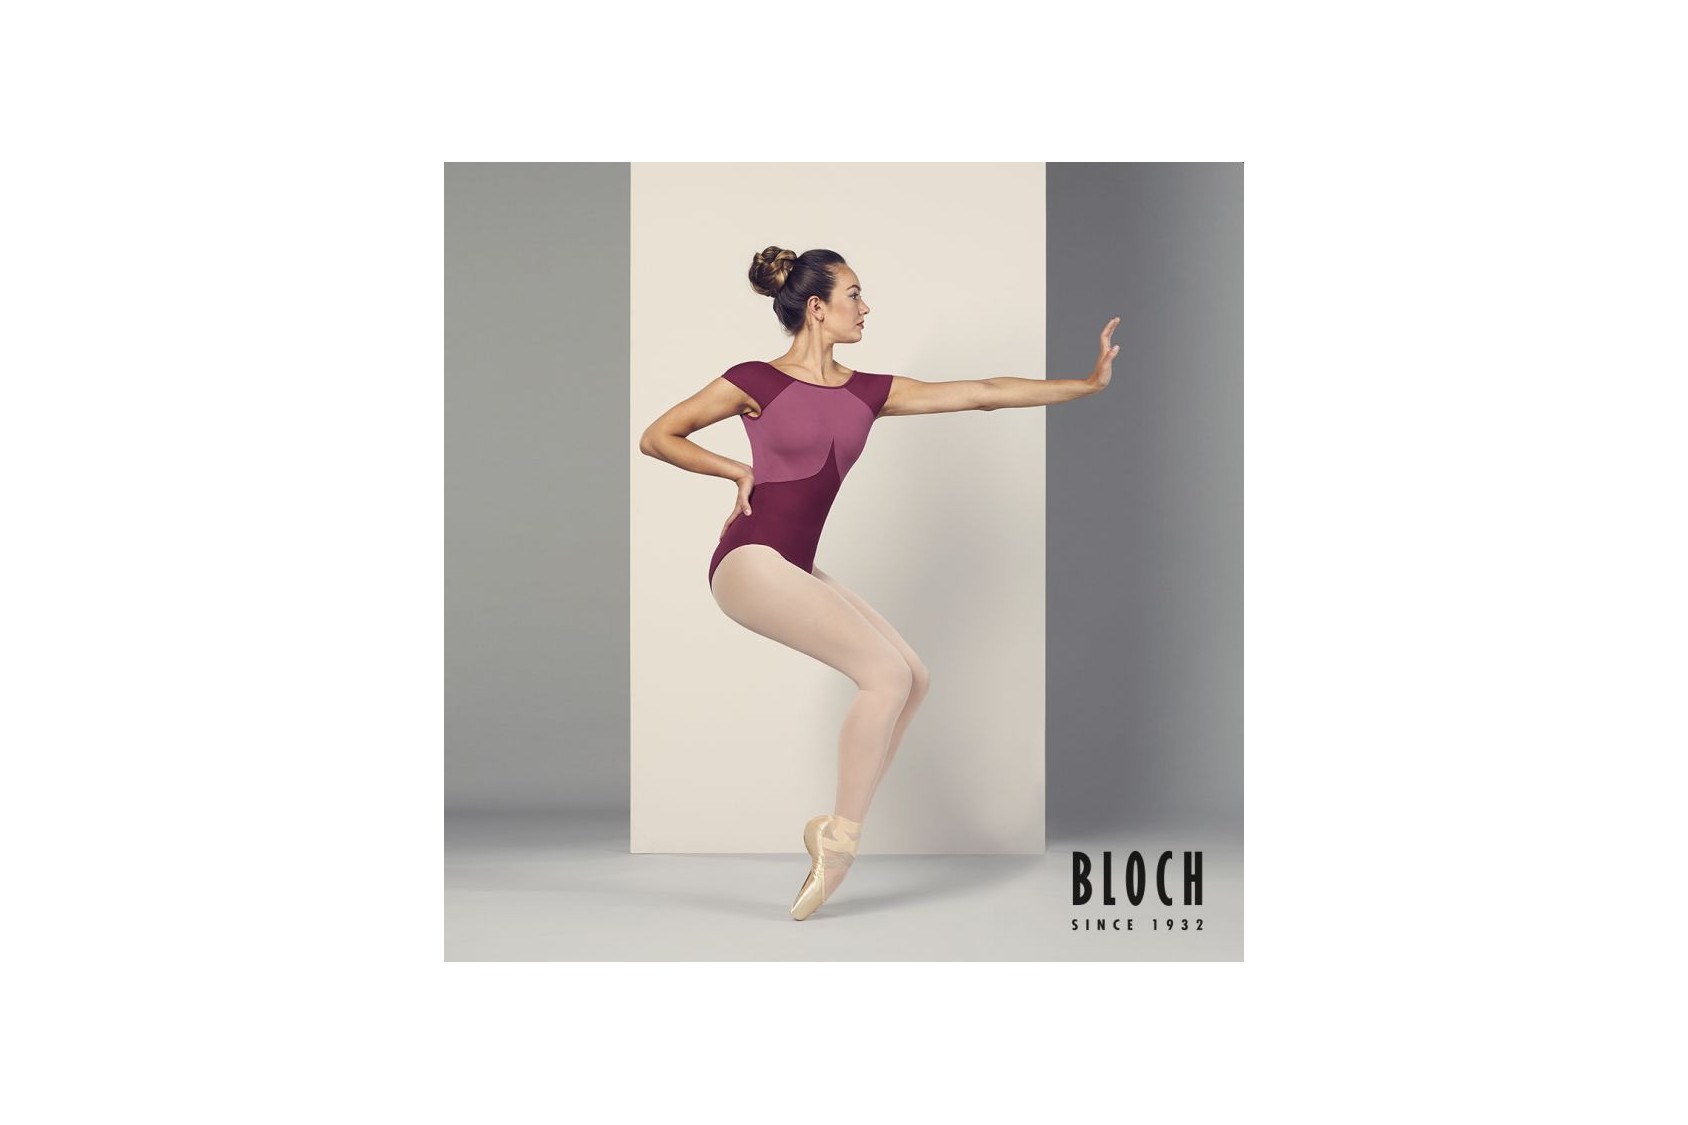 Bloch Mirella rentrée 2018